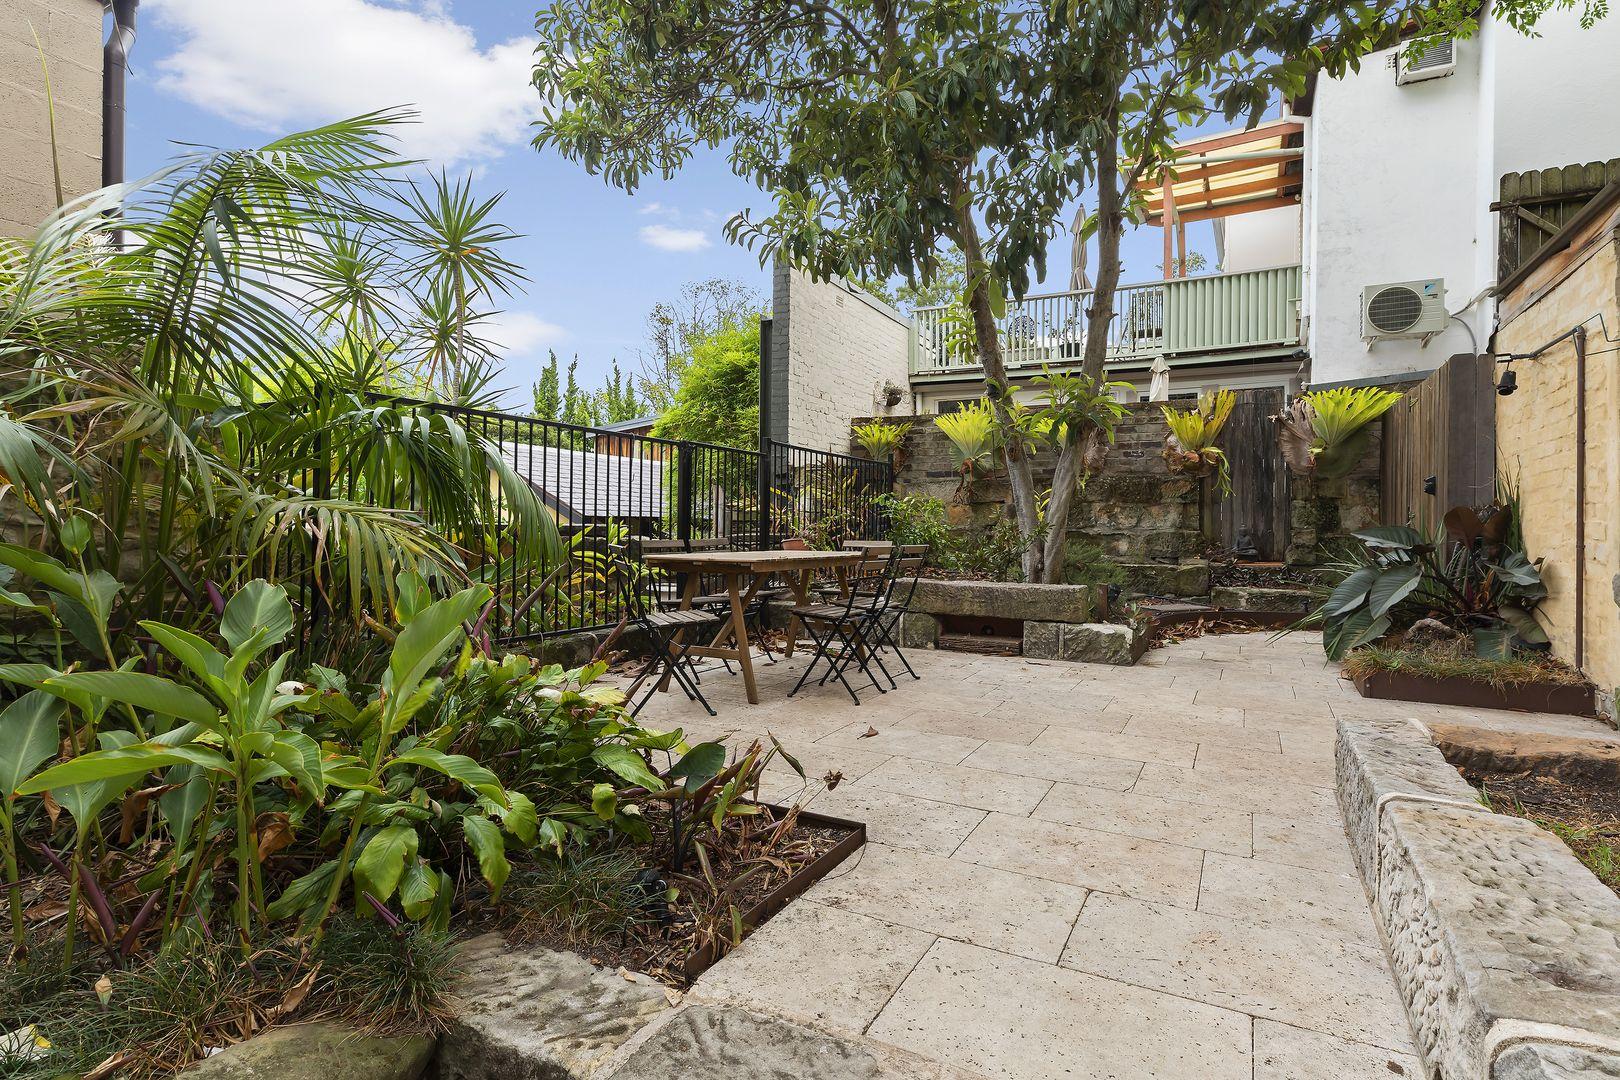 2/210 Darling Street, Balmain NSW 2041, Image 0